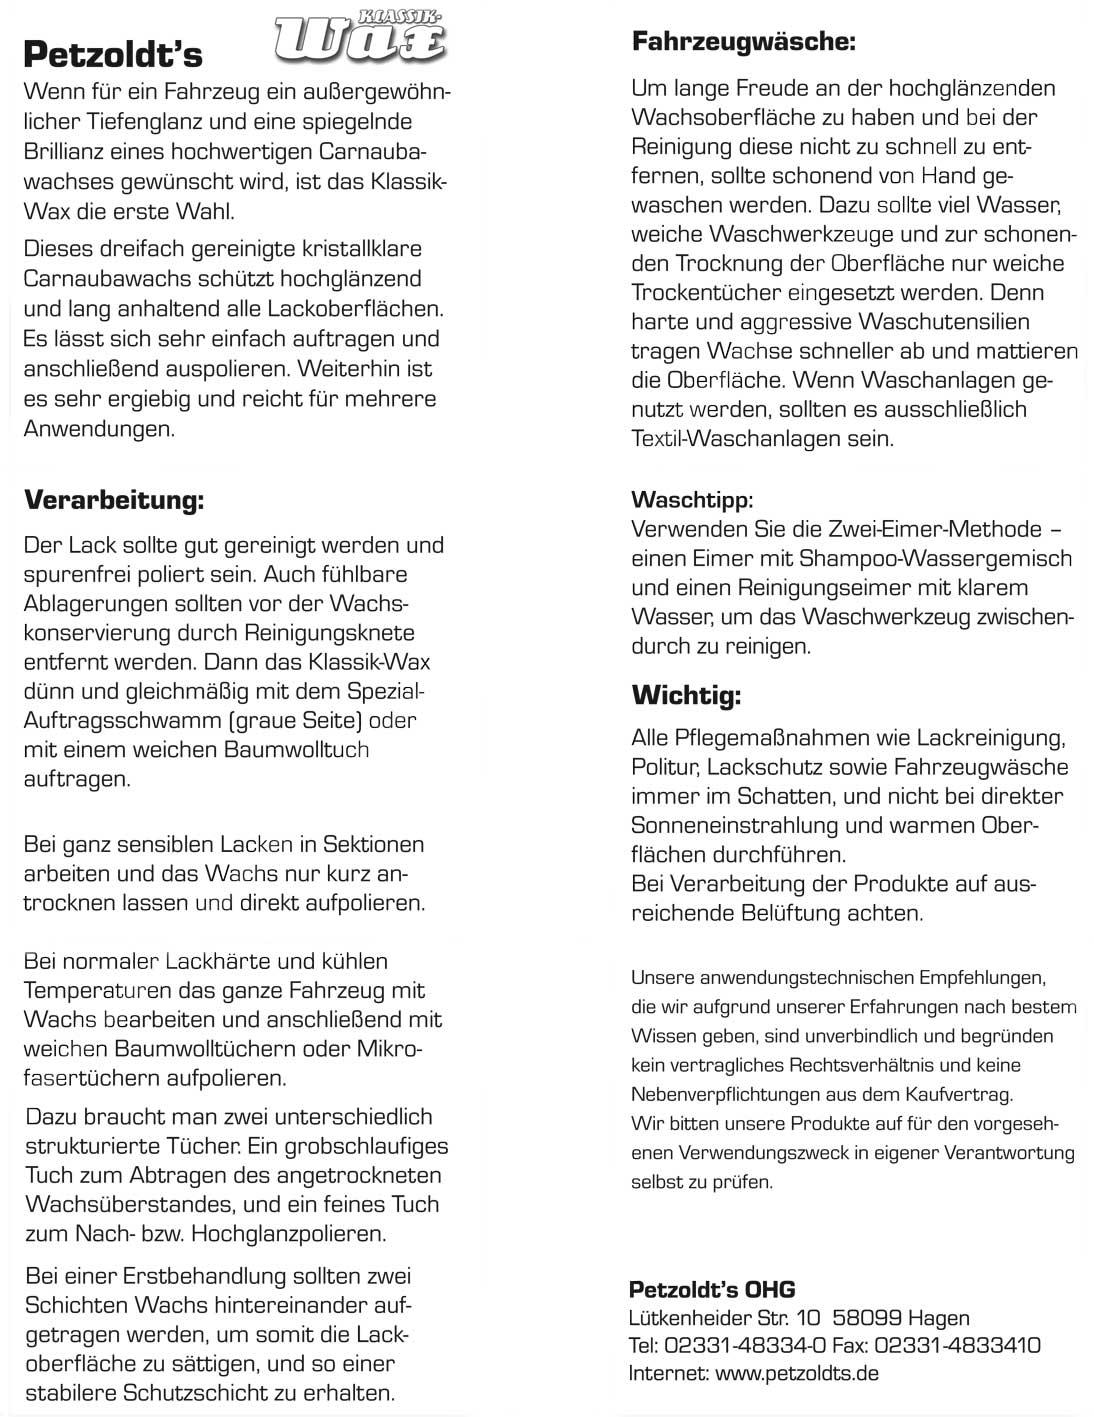 Petzoldt\'s KLASSIK-Wax, Autowachs mit Carnaubawachs